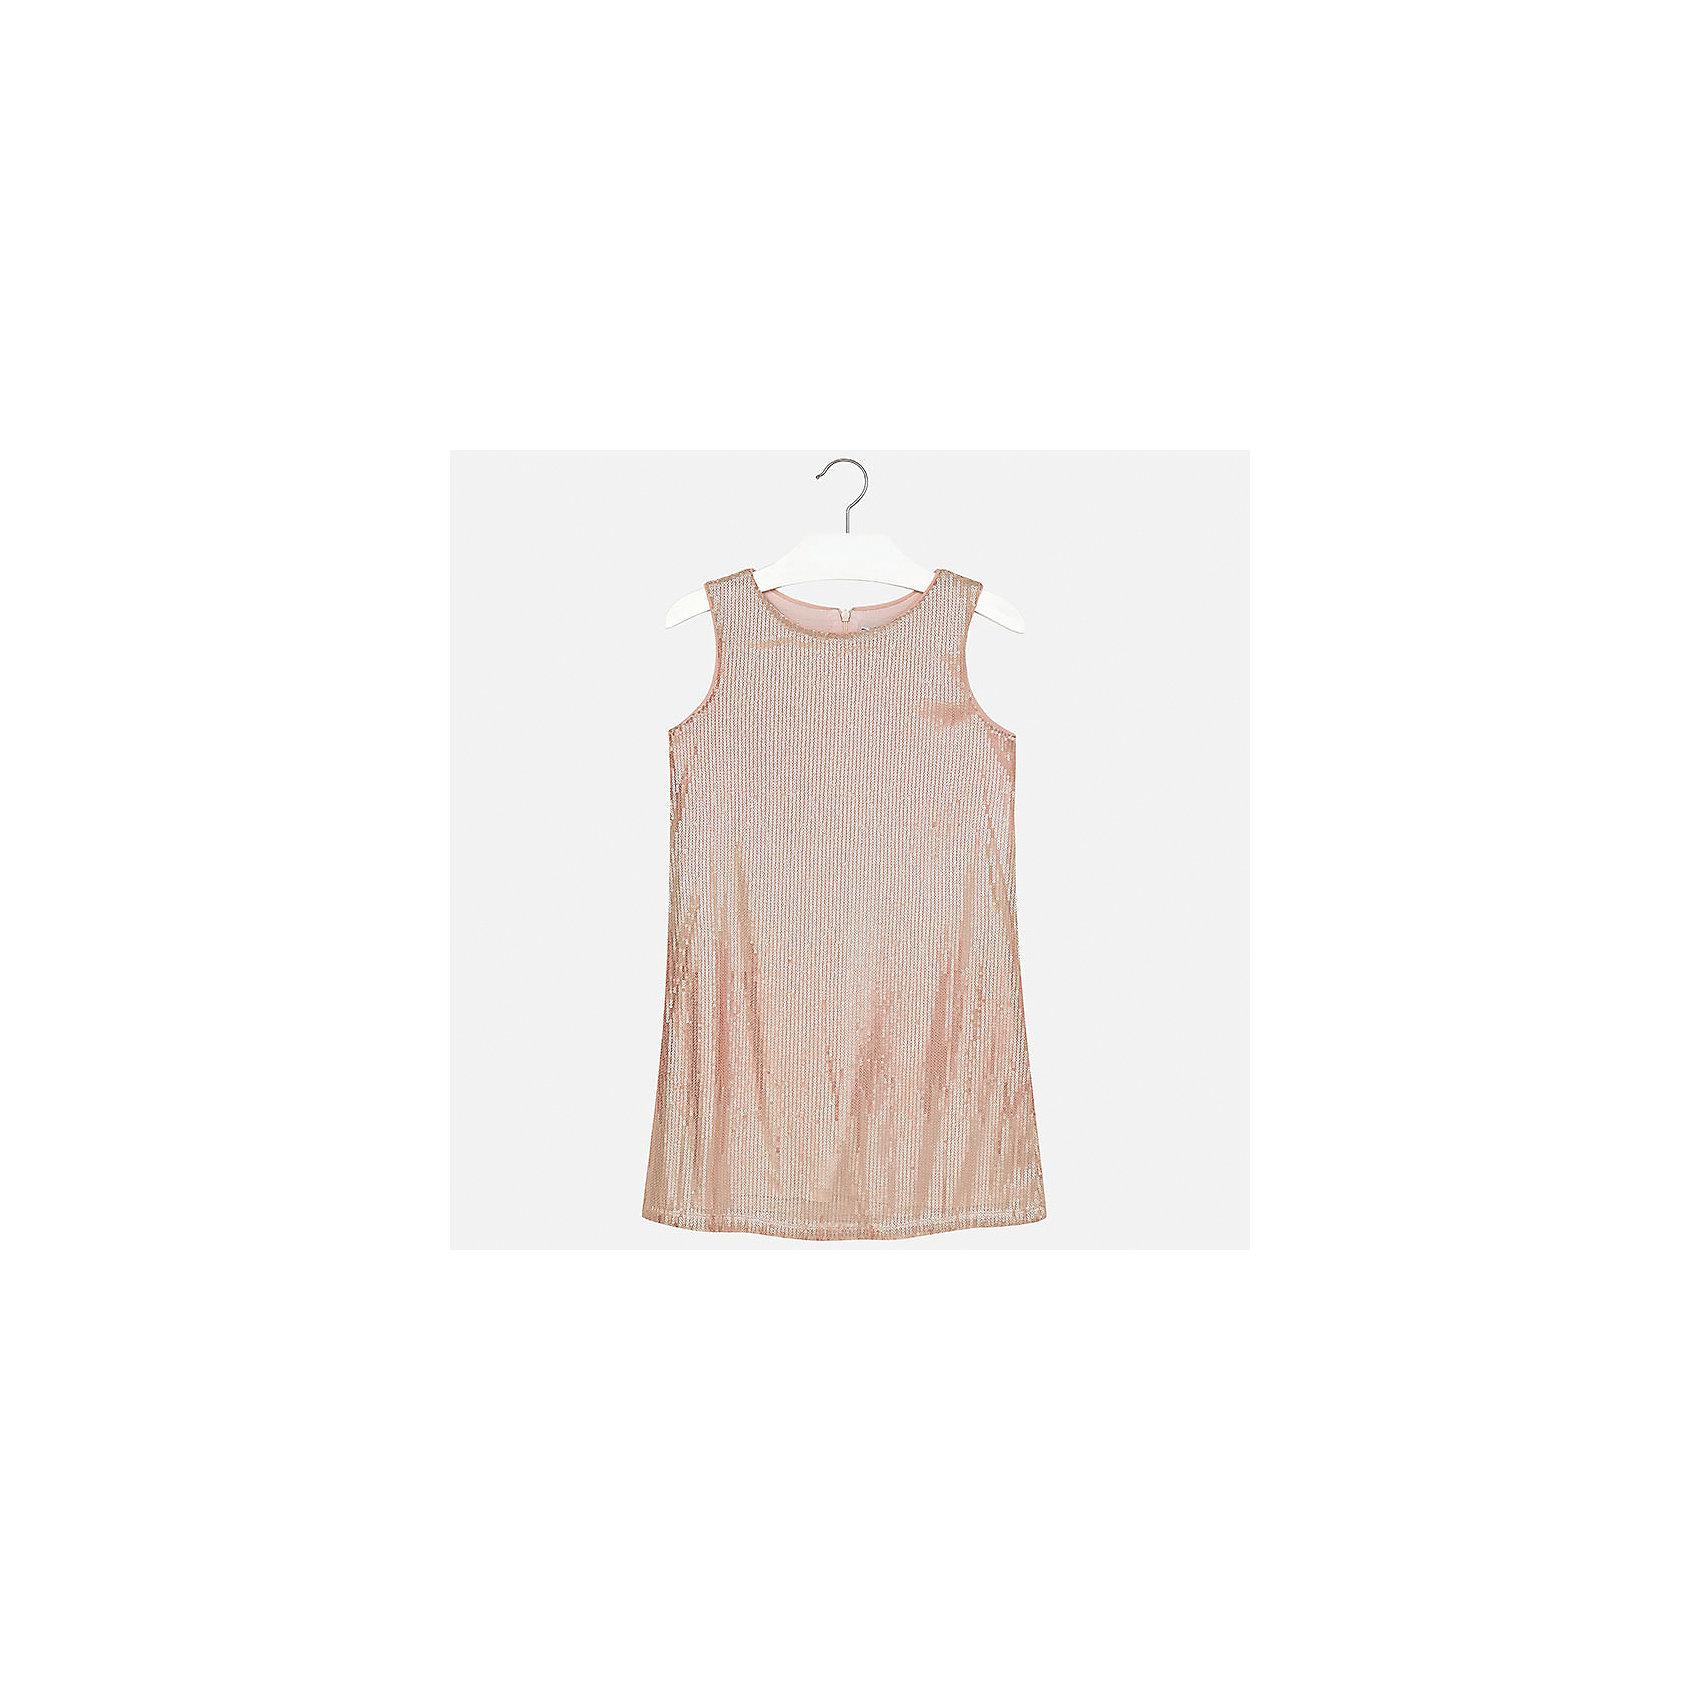 Платье для девочки MayoralХарактеристики товара:<br><br>• цвет: розовый<br>• состав: 100% полиэстер, подкладка - 95% полиэстер, 5% эластан<br>• застежка: молния<br>• прямой силуэт<br>• без рукавов<br>• с подкладкой<br>• страна бренда: Испания<br><br>Нарядное платье для девочки поможет разнообразить гардероб ребенка и создать эффектный наряд. Оно подойдет для различных случаев. Красивый оттенок позволяет подобрать к вещи обувь разных расцветок. Платье хорошо сидит по фигуре.<br><br>Одежда, обувь и аксессуары от испанского бренда Mayoral полюбились детям и взрослым по всему миру. Модели этой марки - стильные и удобные. Для их производства используются только безопасные, качественные материалы и фурнитура. Порадуйте ребенка модными и красивыми вещами от Mayoral! <br><br>Платье для девочки от испанского бренда Mayoral (Майорал) можно купить в нашем интернет-магазине.<br><br>Ширина мм: 236<br>Глубина мм: 16<br>Высота мм: 184<br>Вес г: 177<br>Цвет: розовый<br>Возраст от месяцев: 84<br>Возраст до месяцев: 96<br>Пол: Женский<br>Возраст: Детский<br>Размер: 128/134,164,140,152,158<br>SKU: 5293213